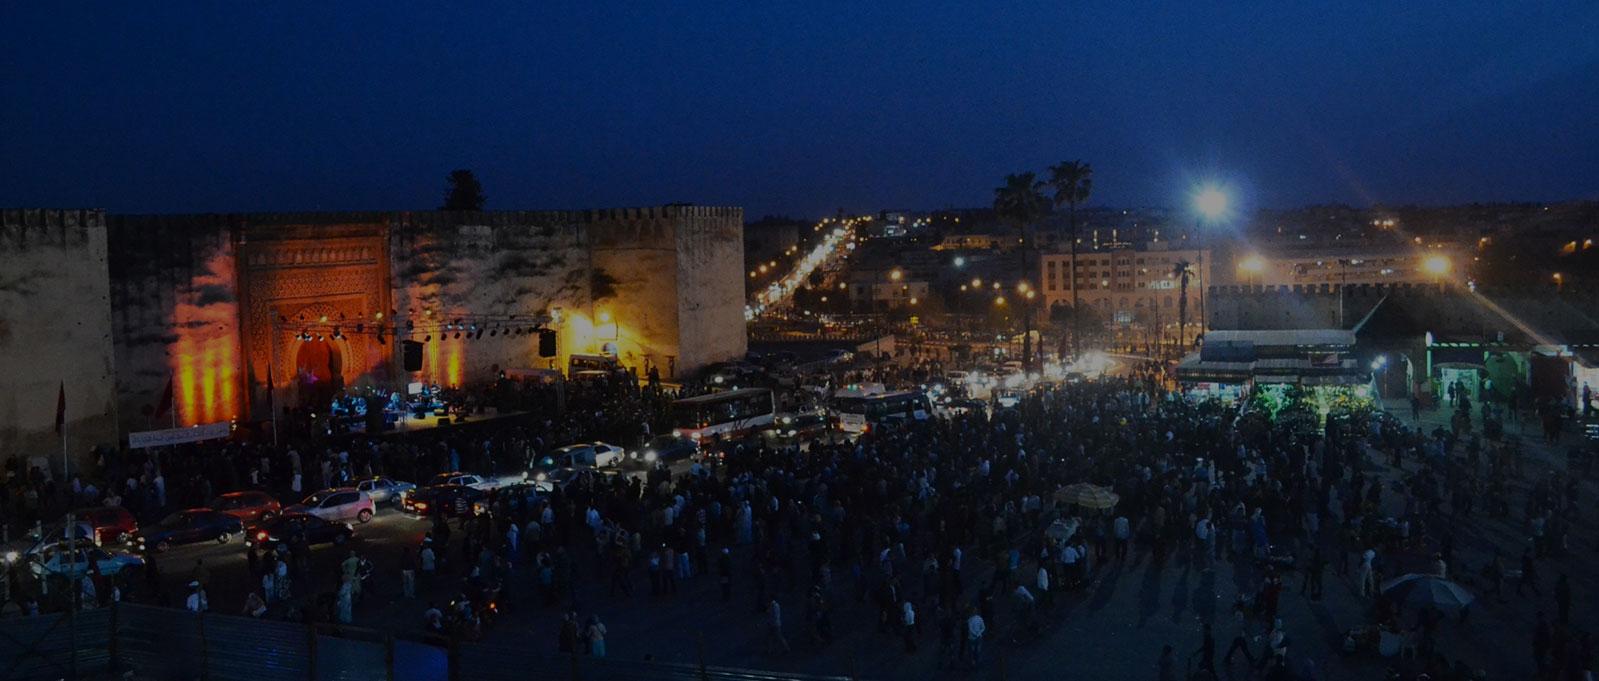 Place Lahdim - Meknès Maroc